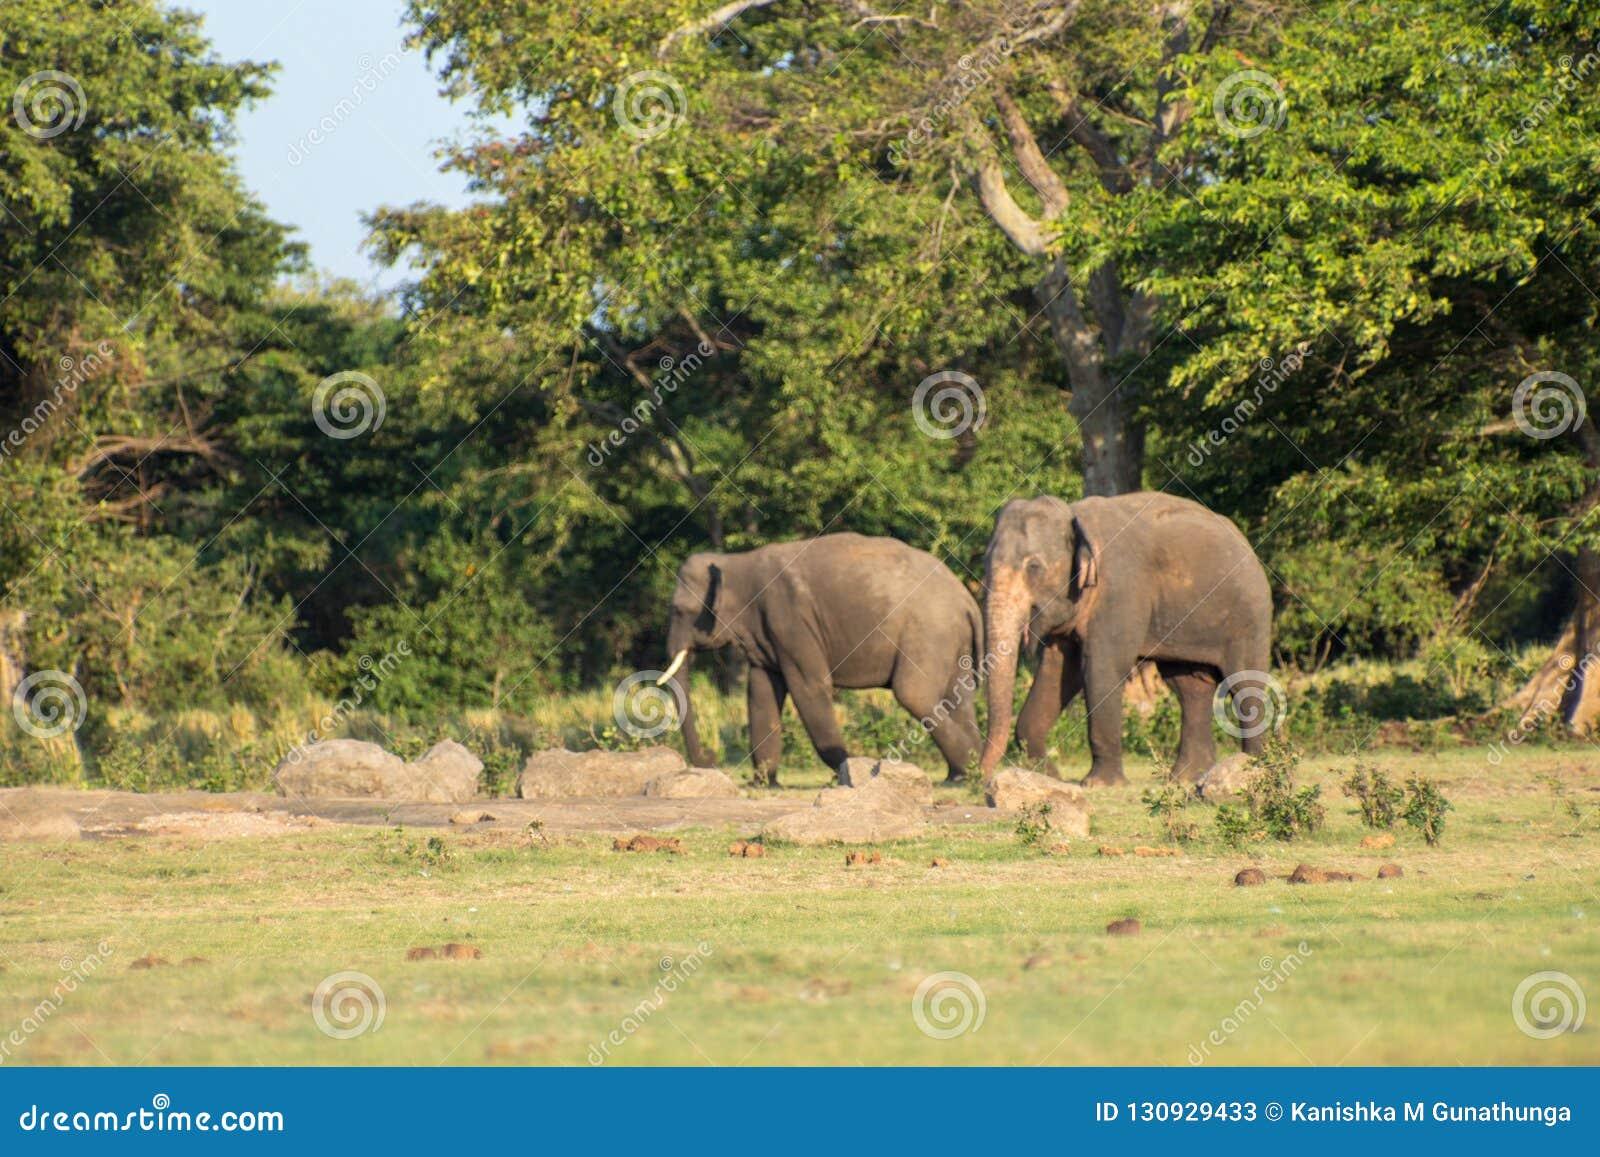 Srilankesisk elefant i löst